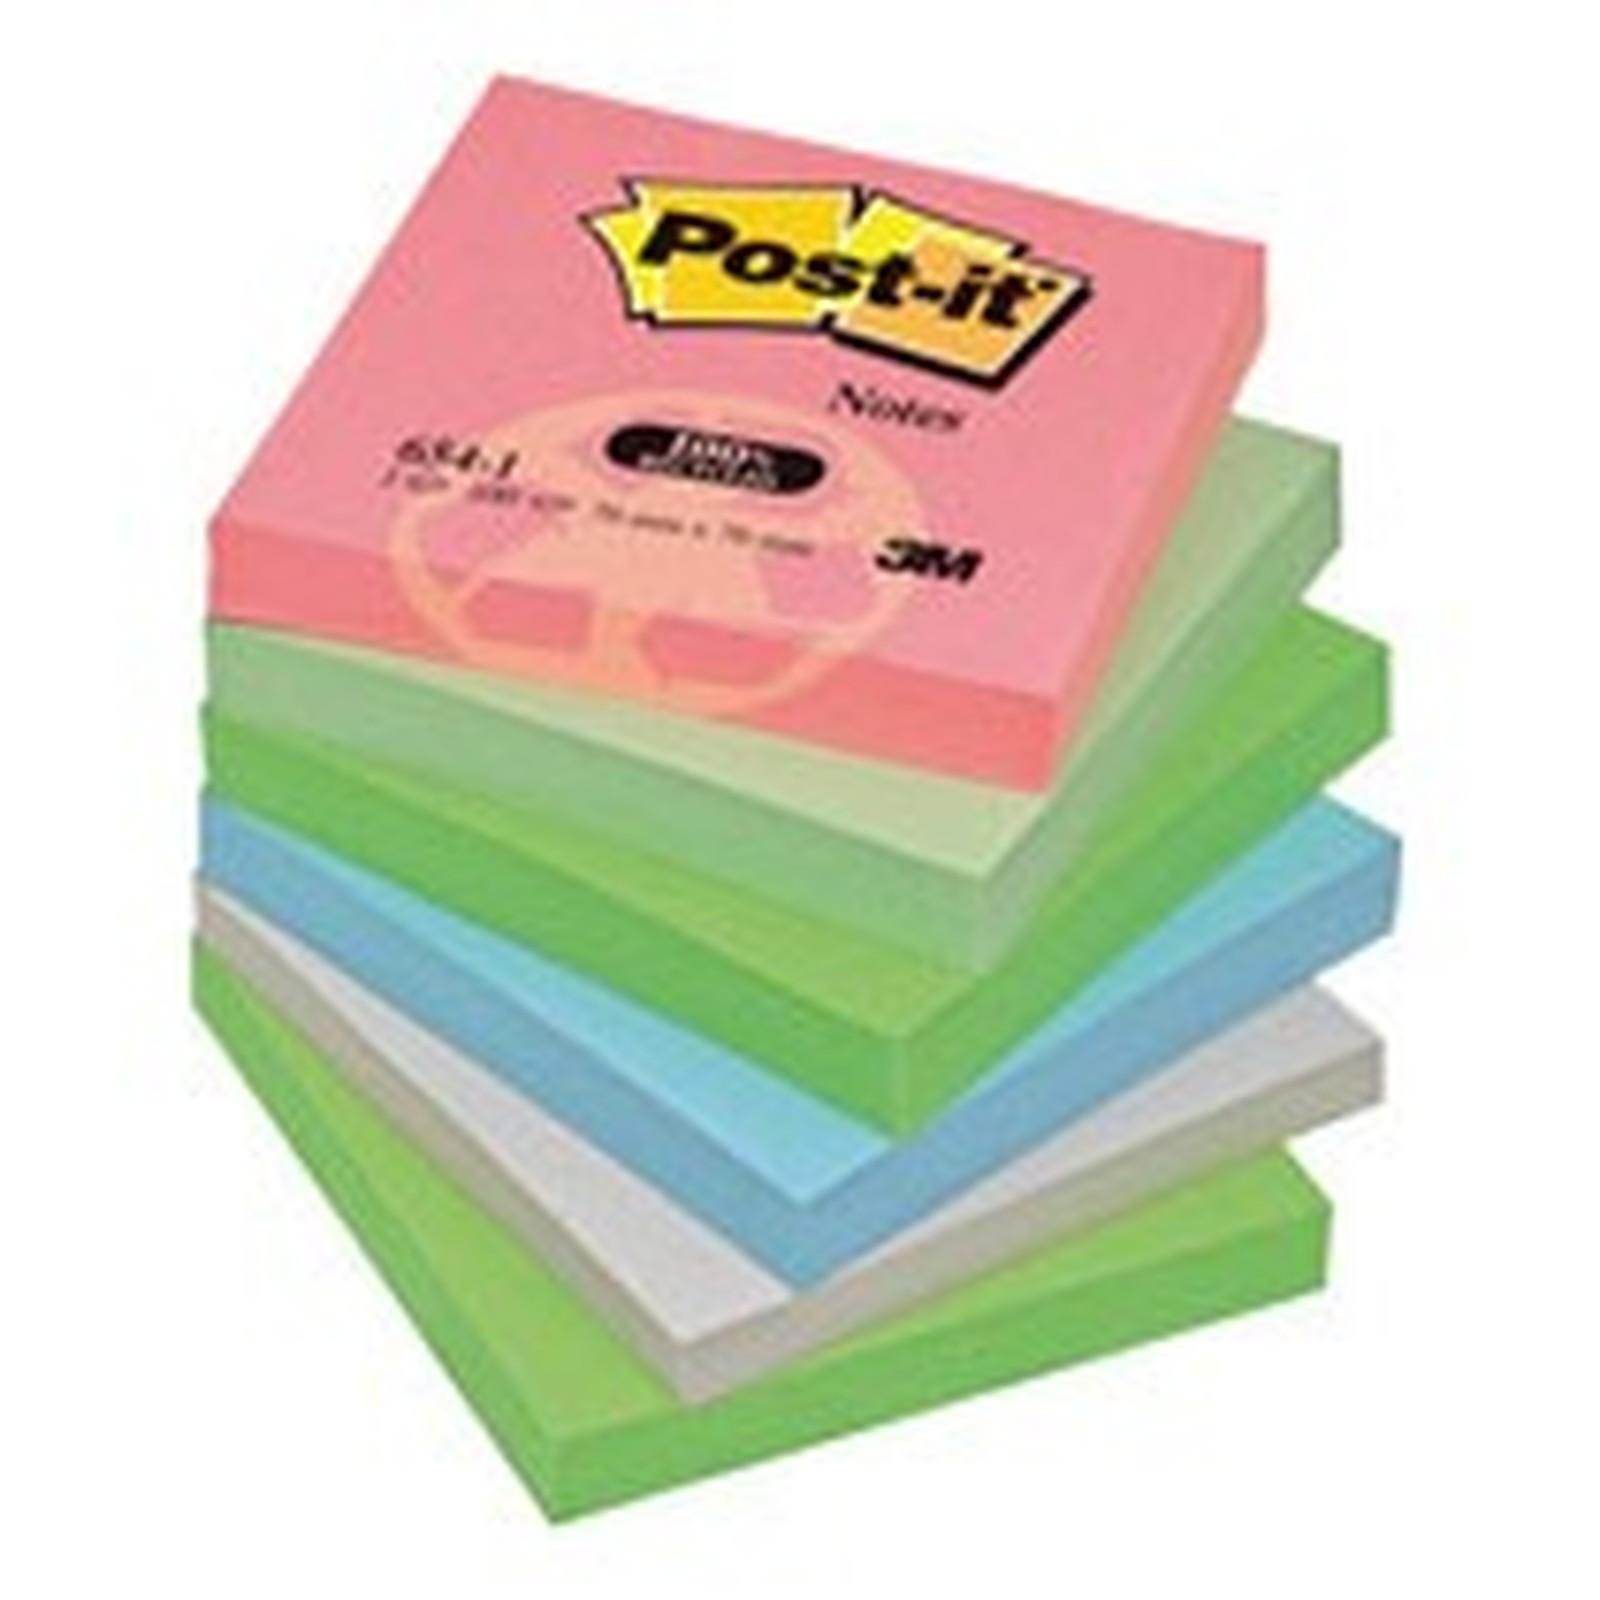 Post-it recyclés 12 blocs de 100 feuillets multicolores 76 x 76 mm